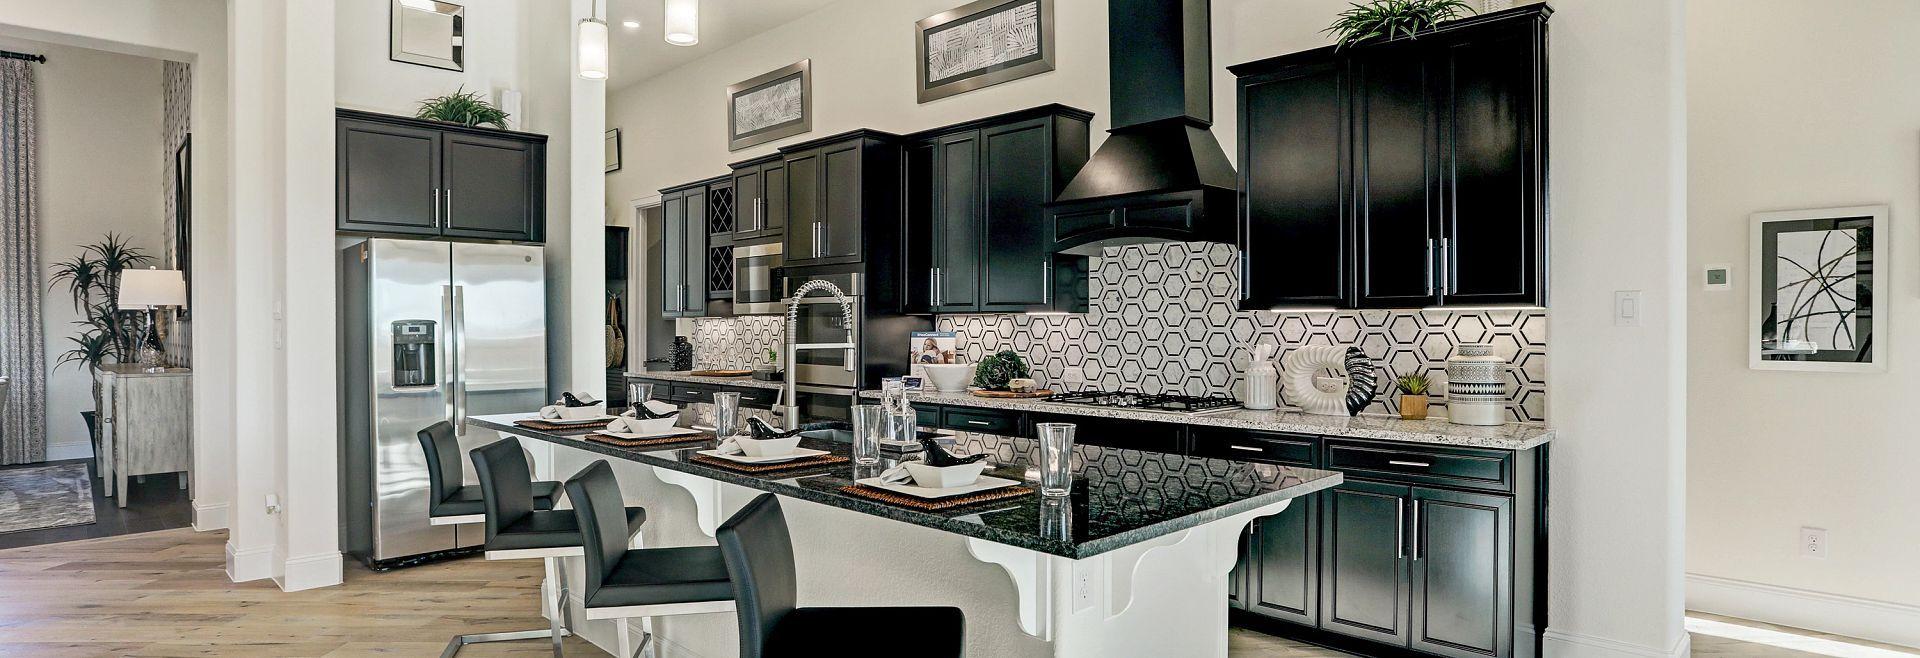 Del Bello Lakes 70 Plan 6015 Kitchen:Plan 6015 Kitchen